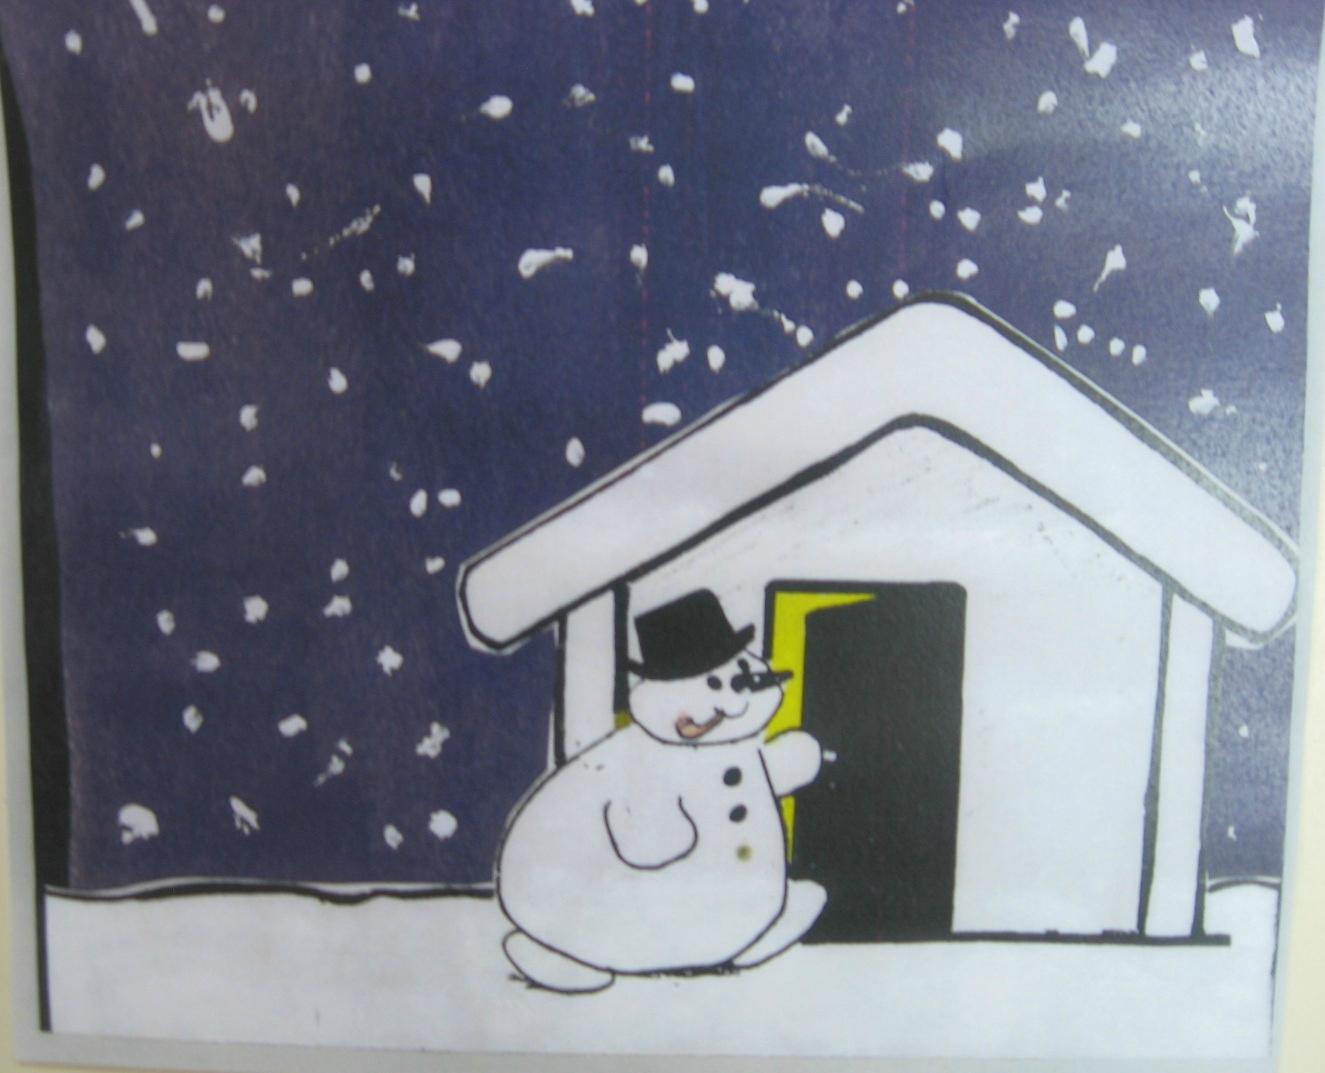 Chanson Pour Les Enfants L'hiver - Laclassedecamomille tout Dans La Nuit De L Hiver Chanson